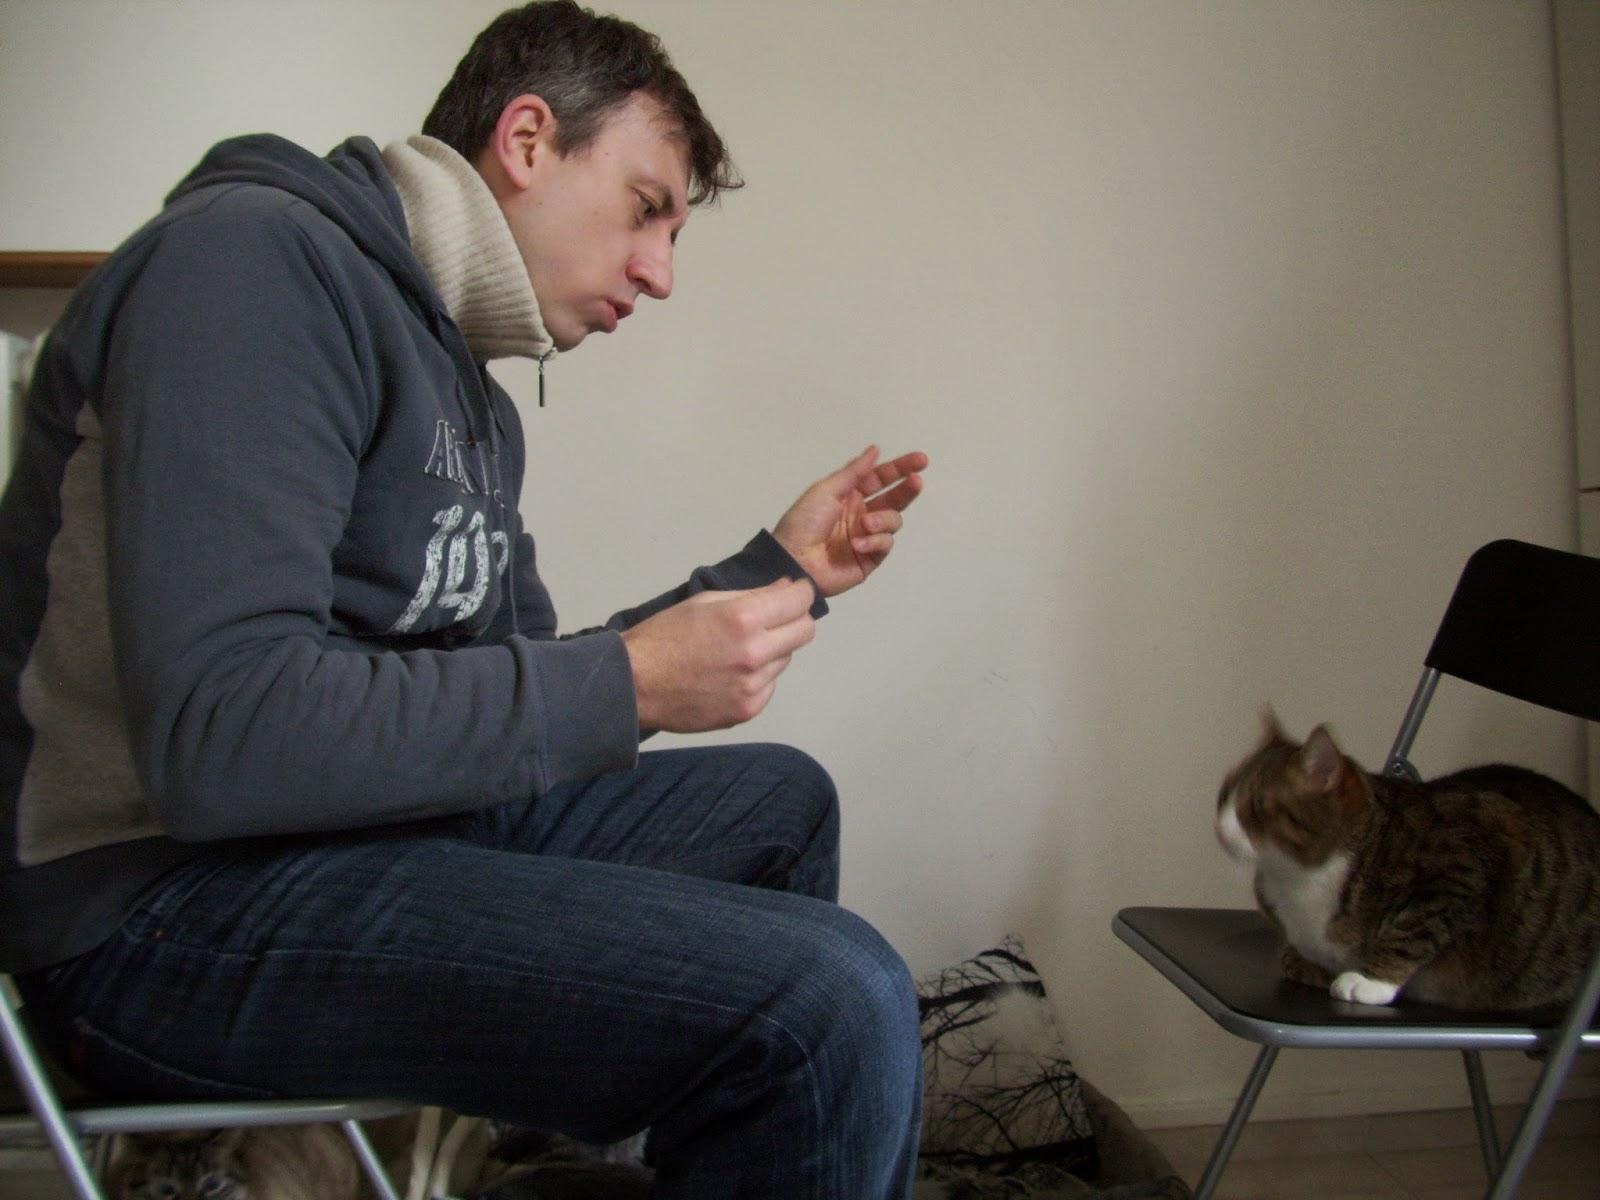 Foto che mi ritrarae seduto di profilo su una sedia con di fronte un'altra sedia con seduto sopra il mio gatto Peppino e io ci parlo utilizzando il counseling come fosse un cliente